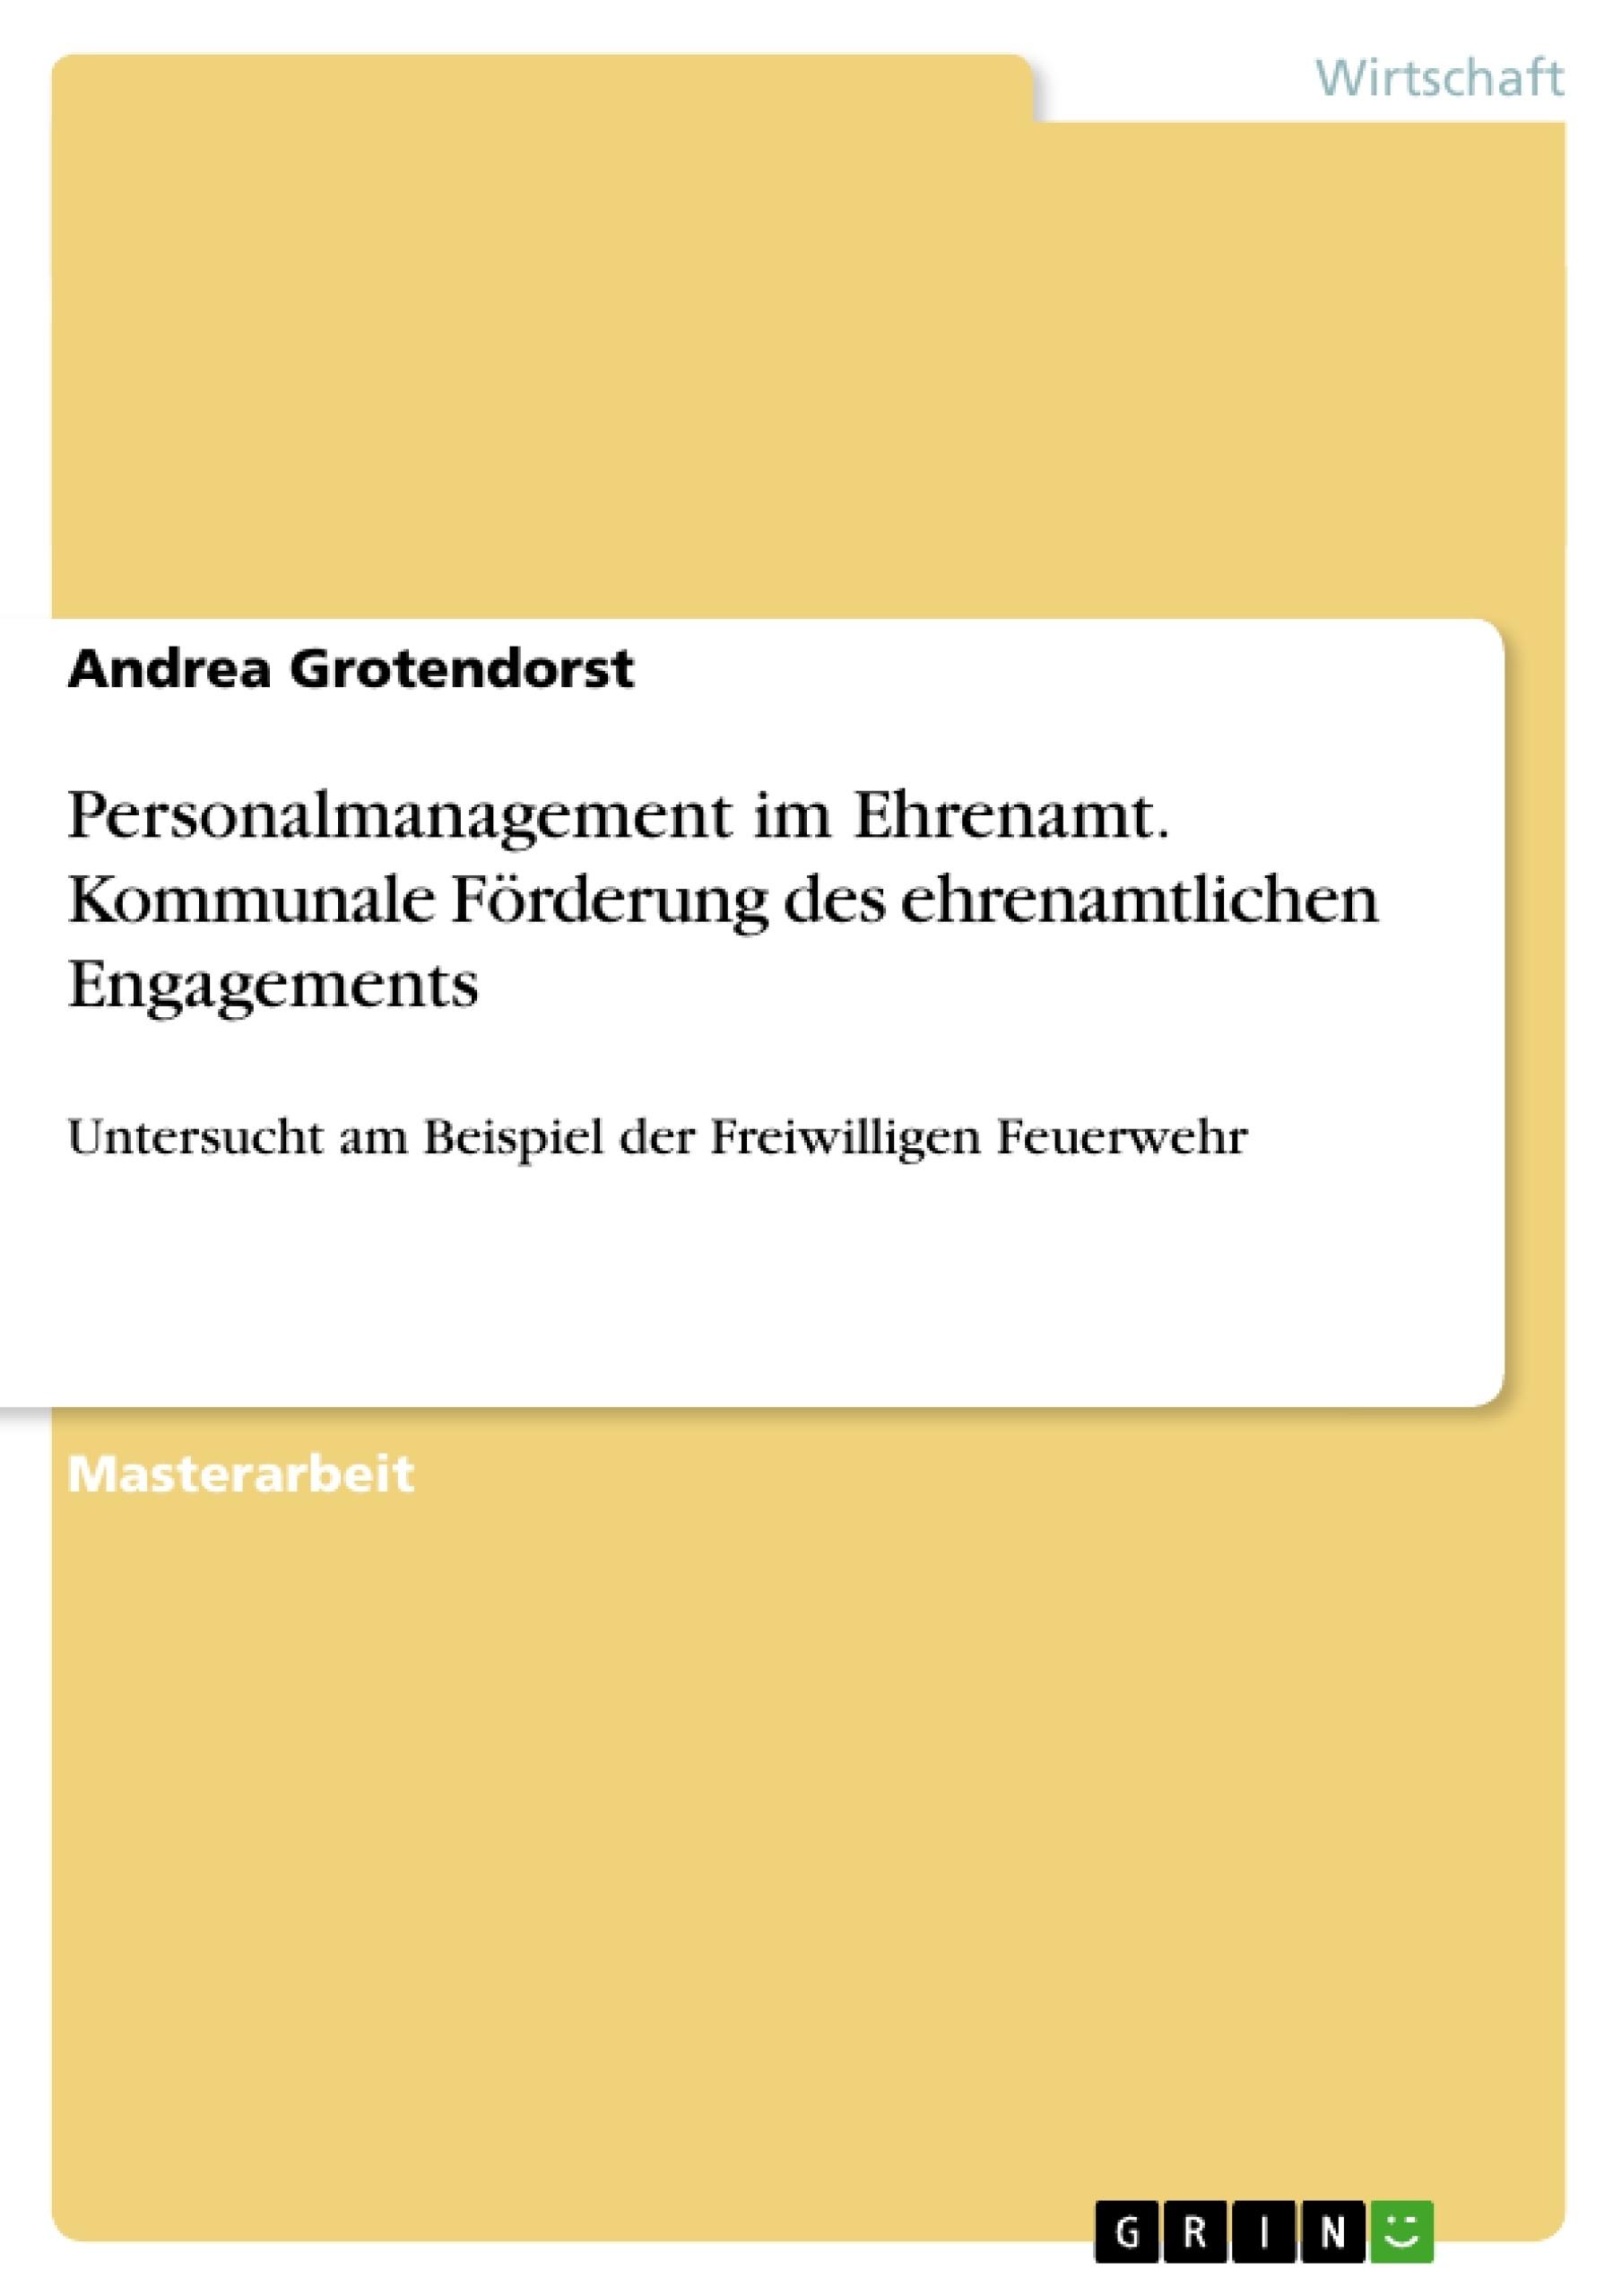 Titel: Personalmanagement im Ehrenamt. Kommunale Förderung des ehrenamtlichen Engagements